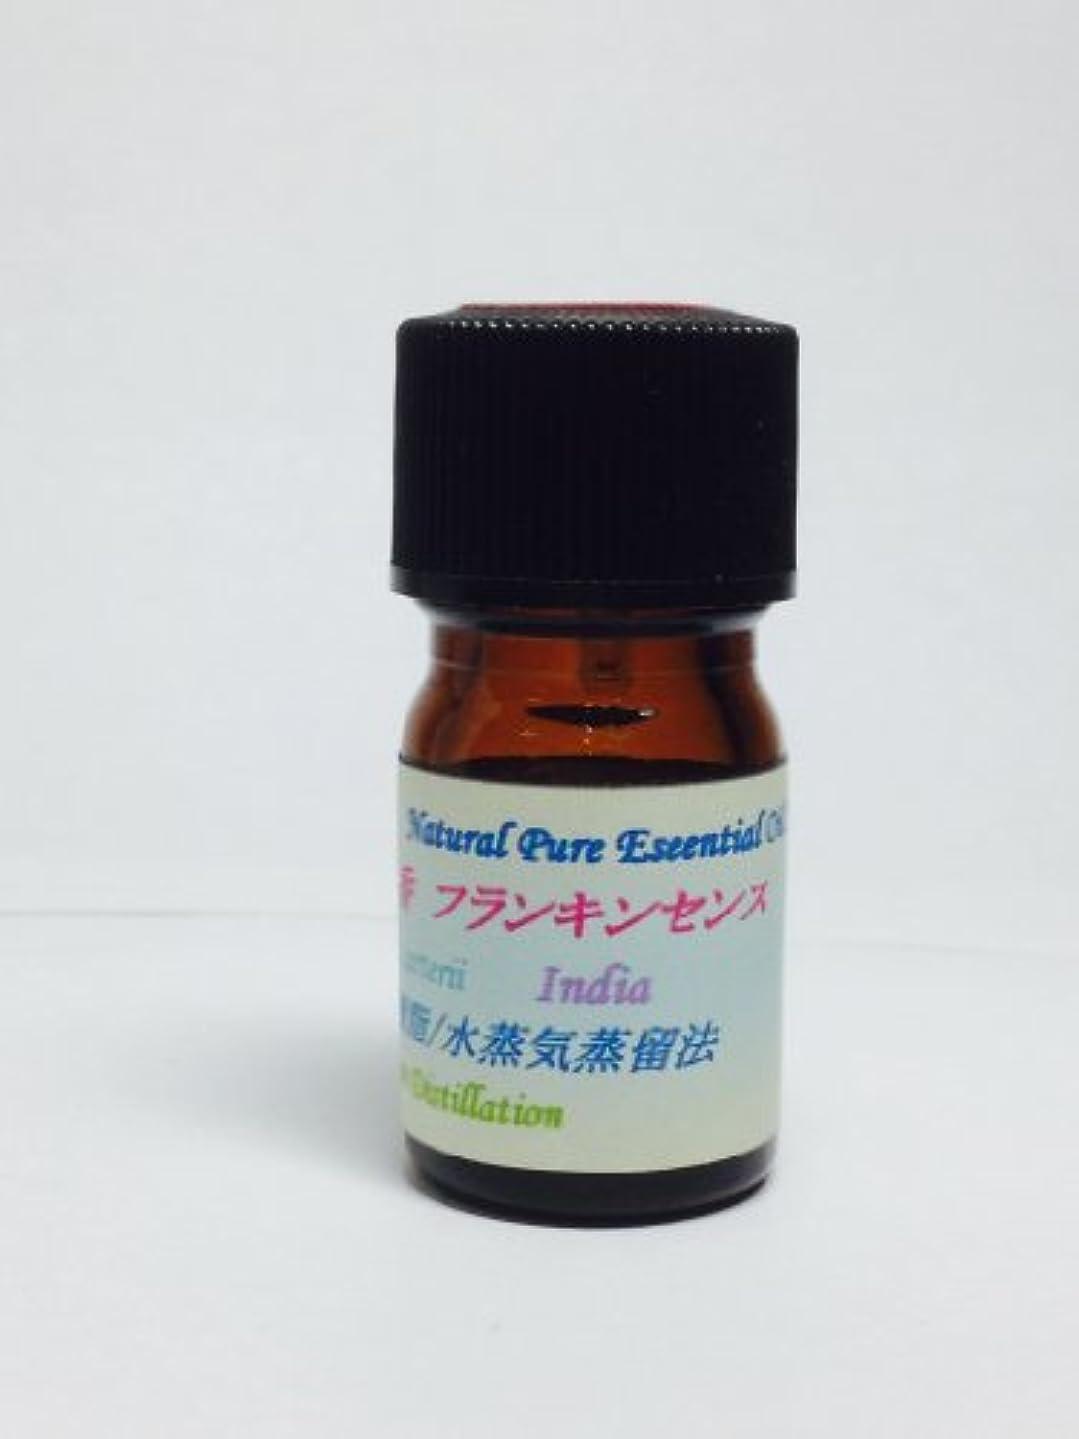 ダイヤモンドうねる求人フランキンセンス (オリバナム) エッセンシャルオイル 乳香 精油 10ml